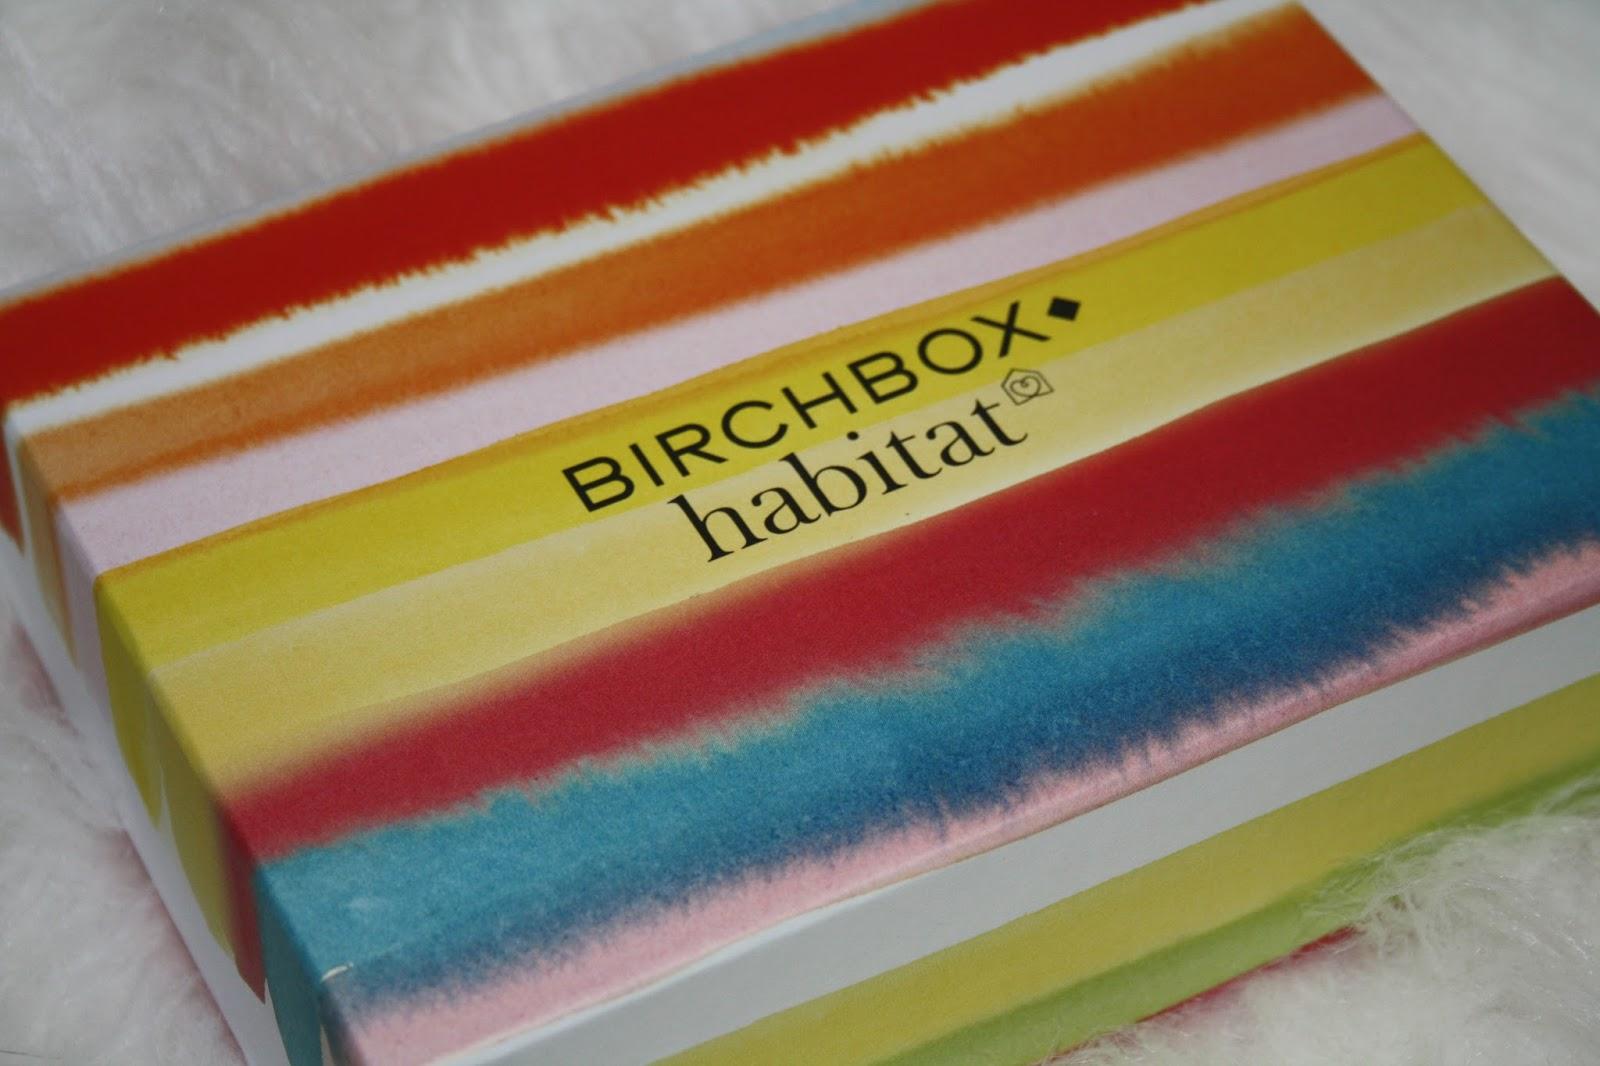 Birchbox Habitat Box